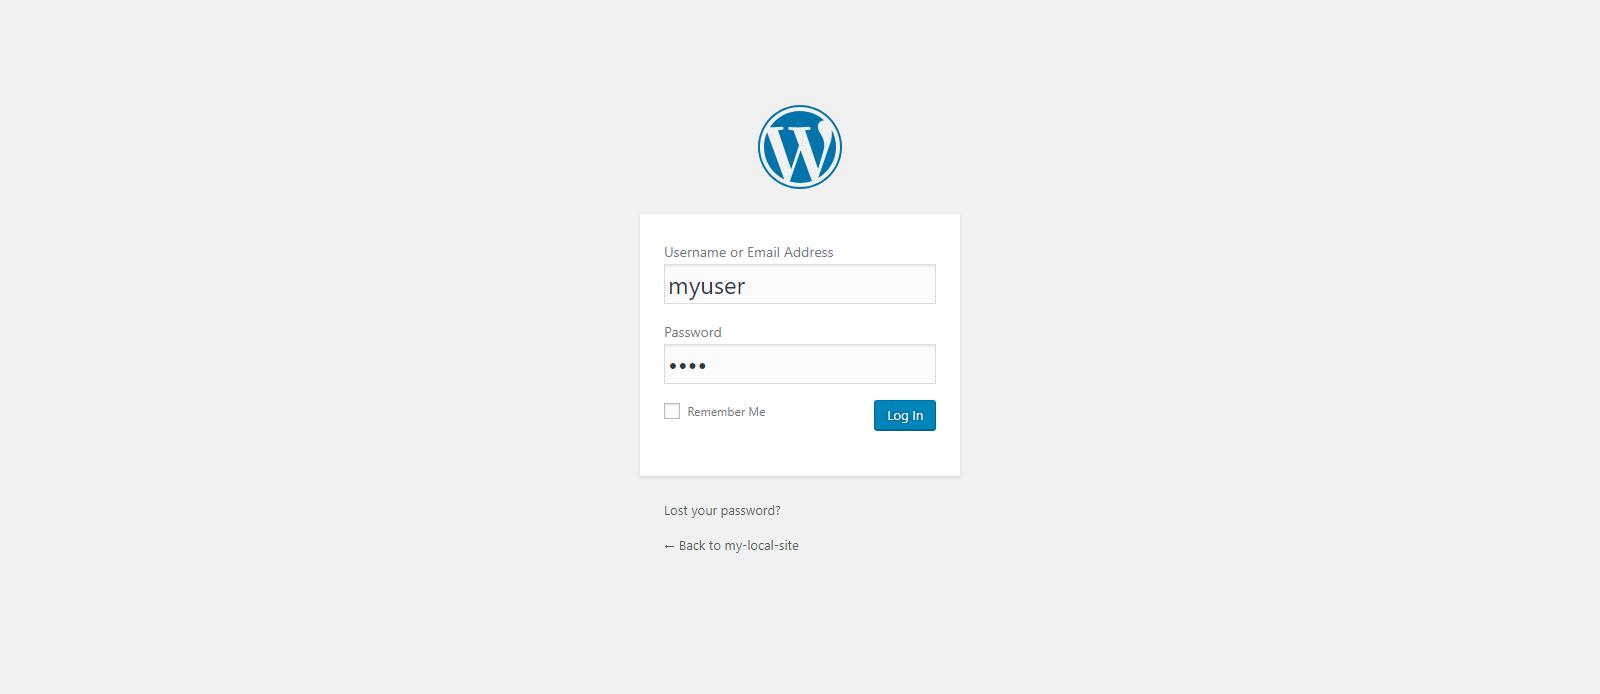 WordPressにログインします